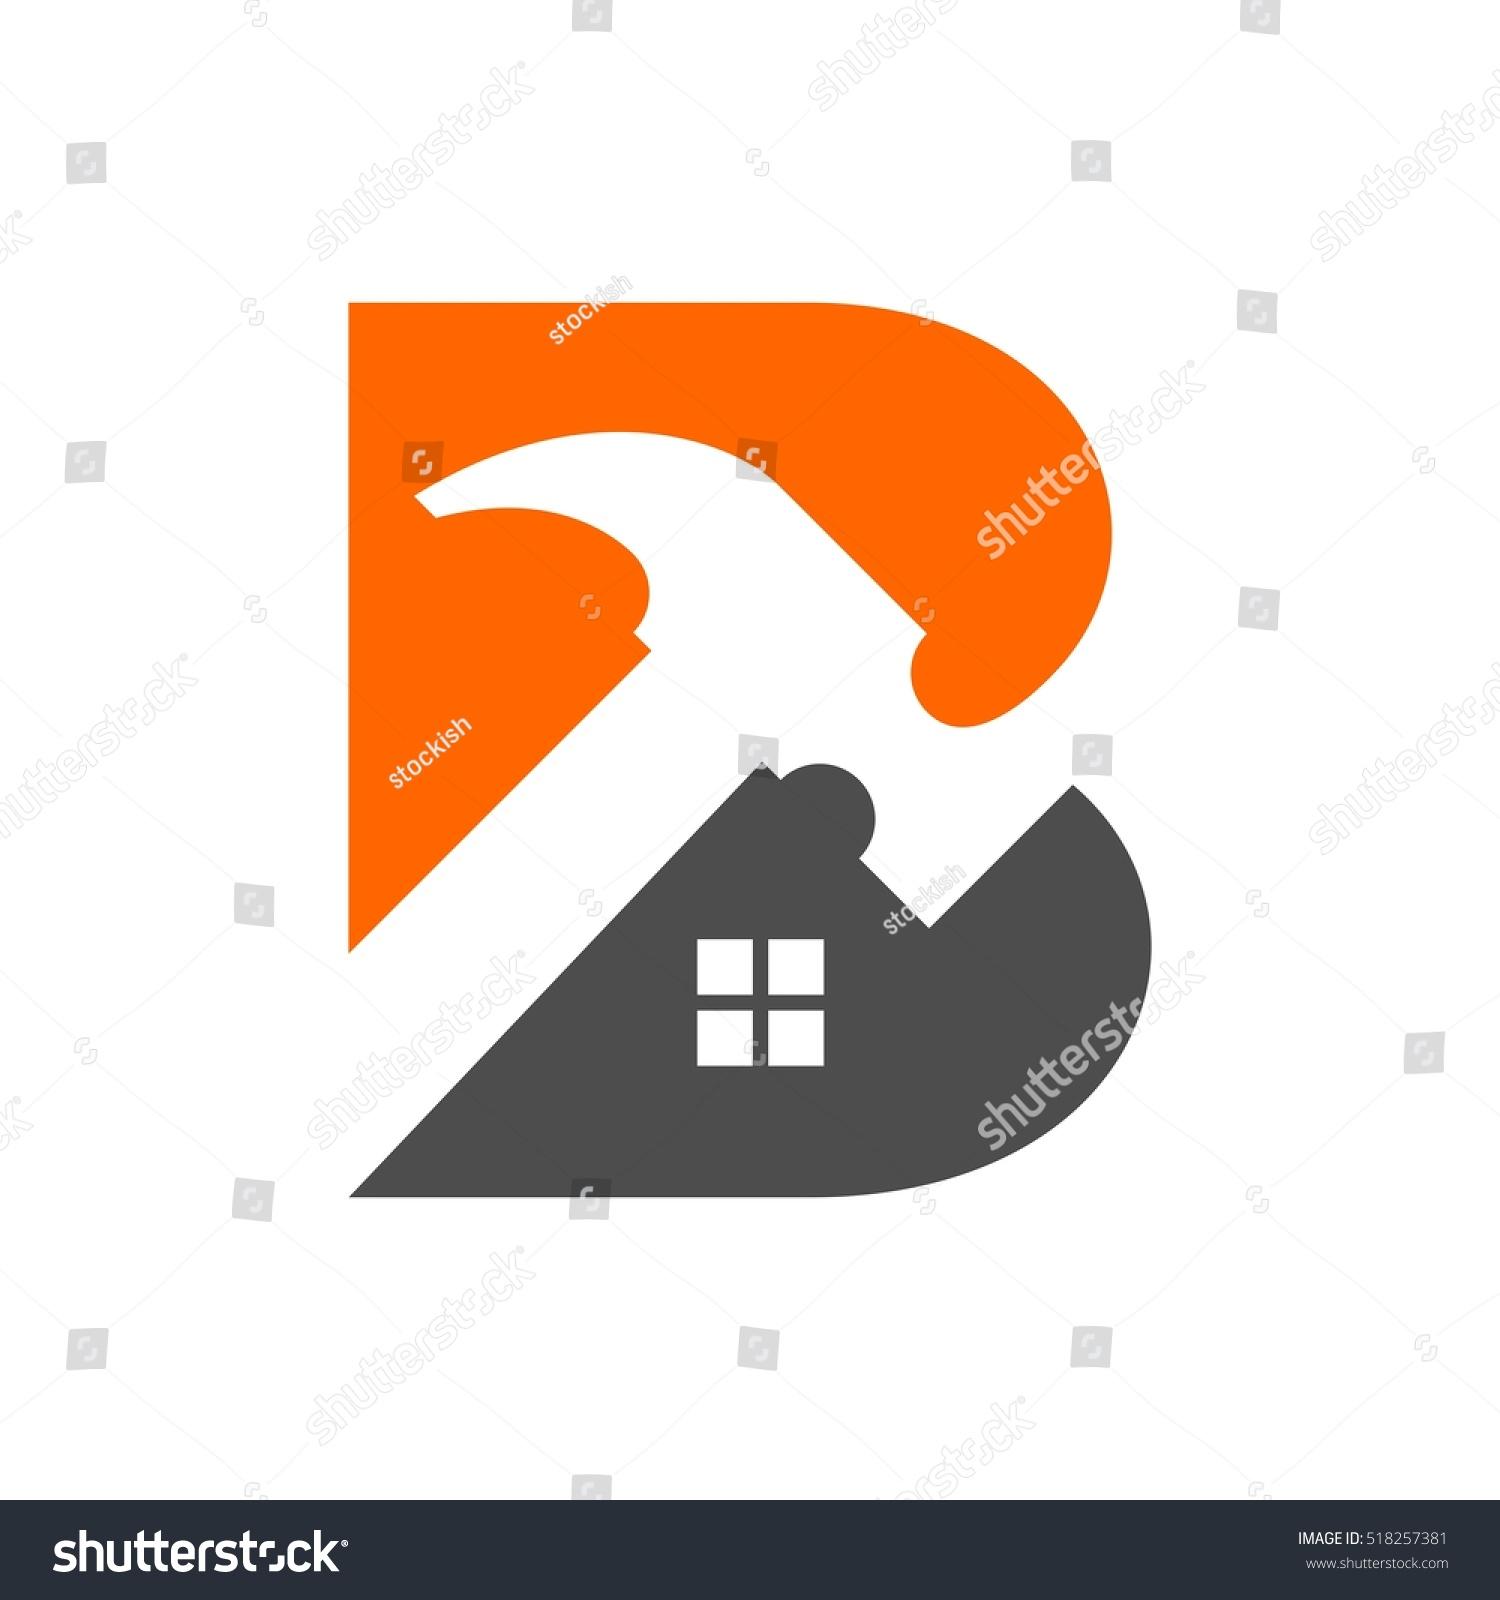 Search logo html